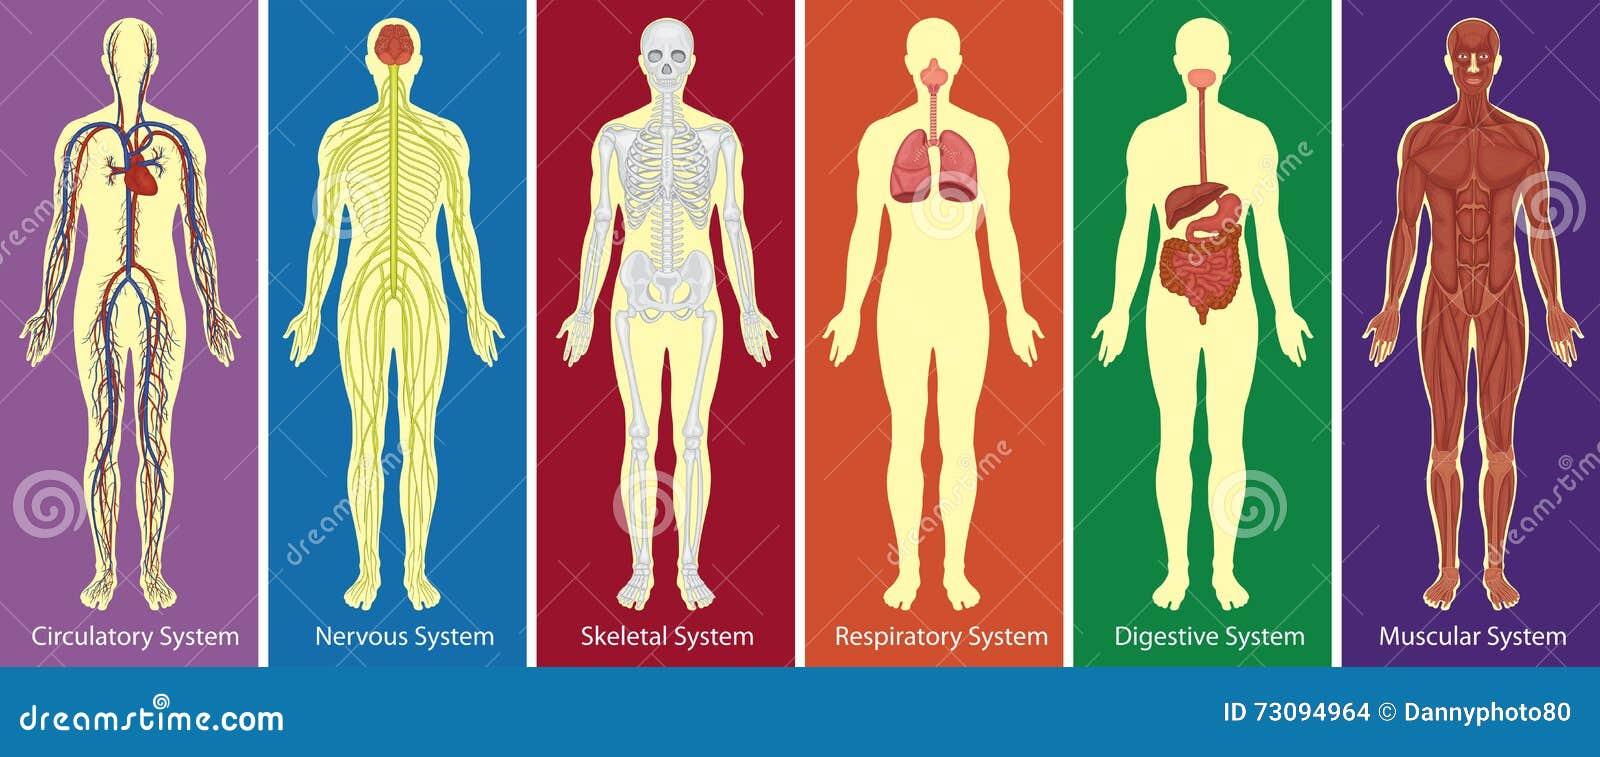 Verschiedene Systeme Des Diagramms Des Menschlichen Körpers Vektor ...